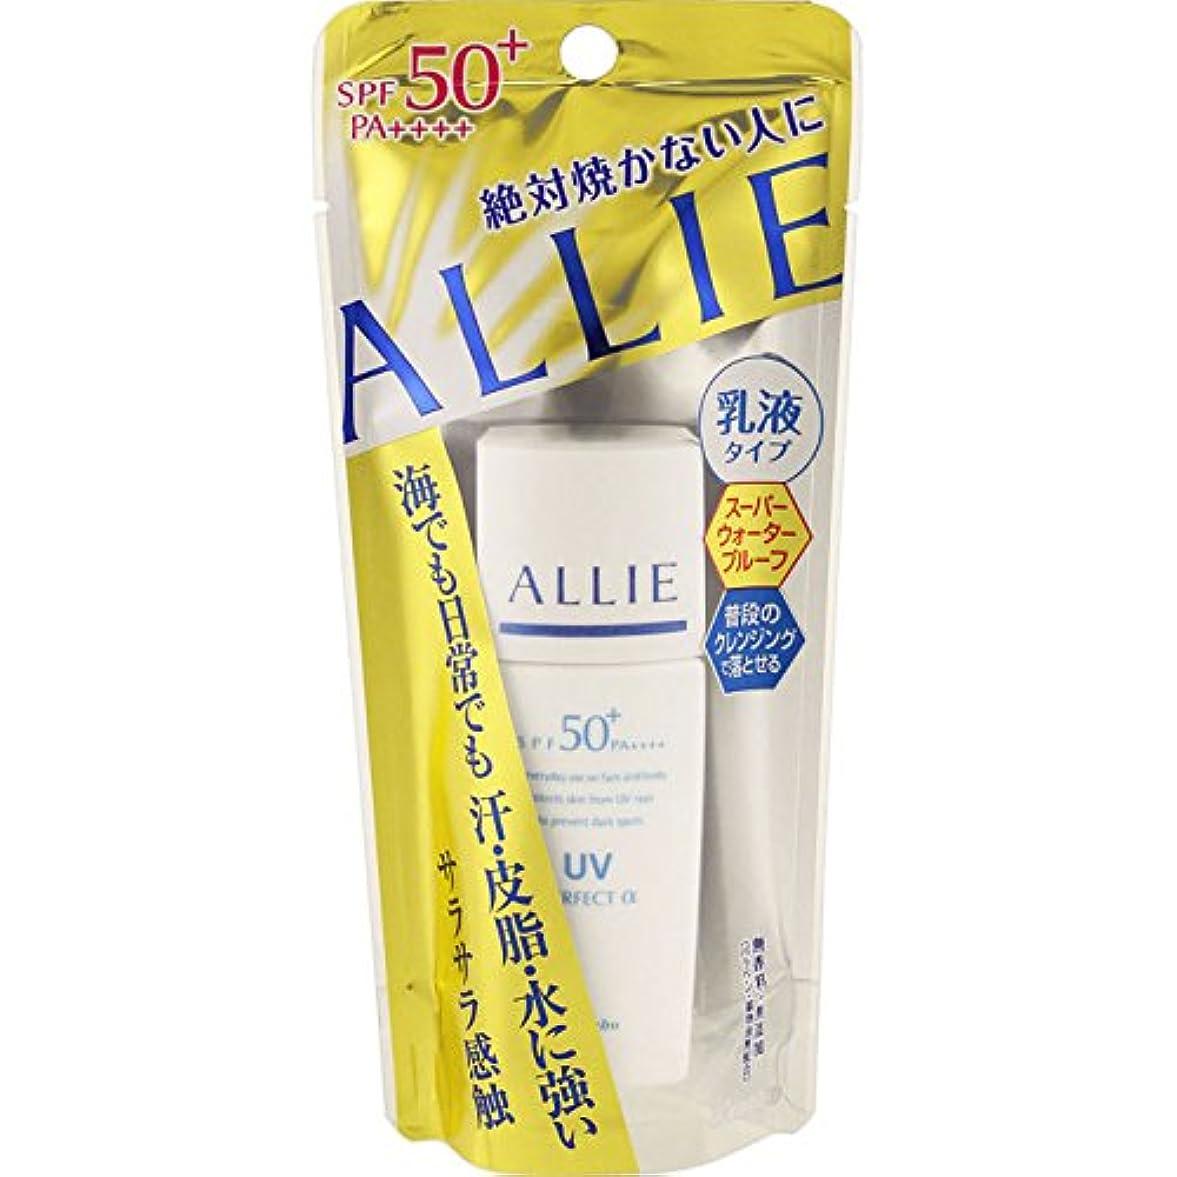 差別細分化する油【カネボウ】 ALLIE(アリィー) エクストラUVプロテクター(パーフェクトアルファ)S 25mlミニ (SPF50+/PA+++)